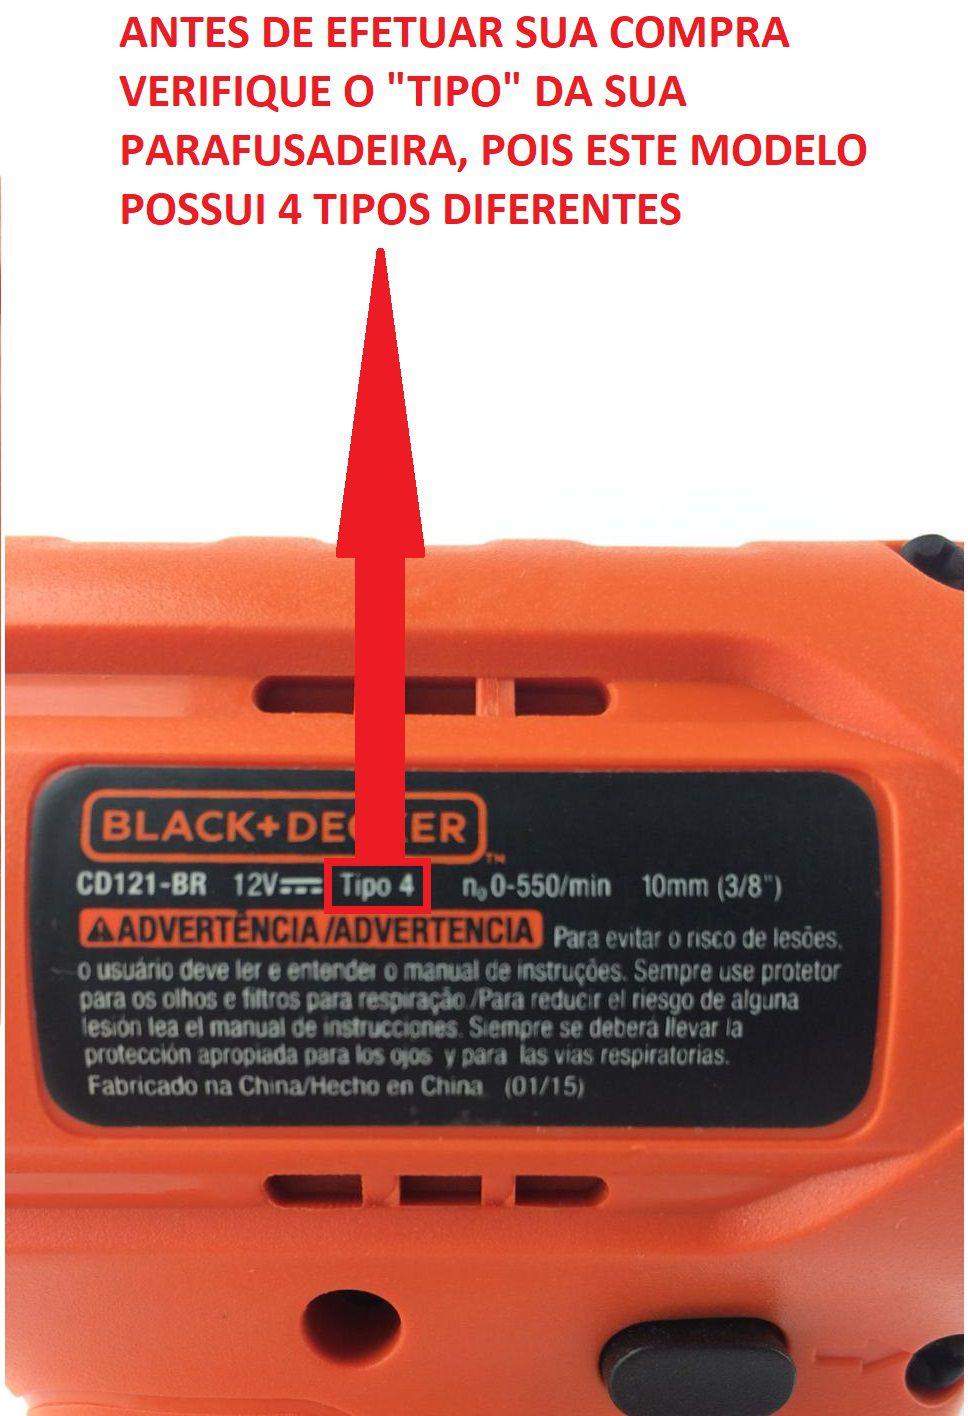 Kit de Bateria, Carregador e Base para Cd121 Tipo 4 Black e Deker